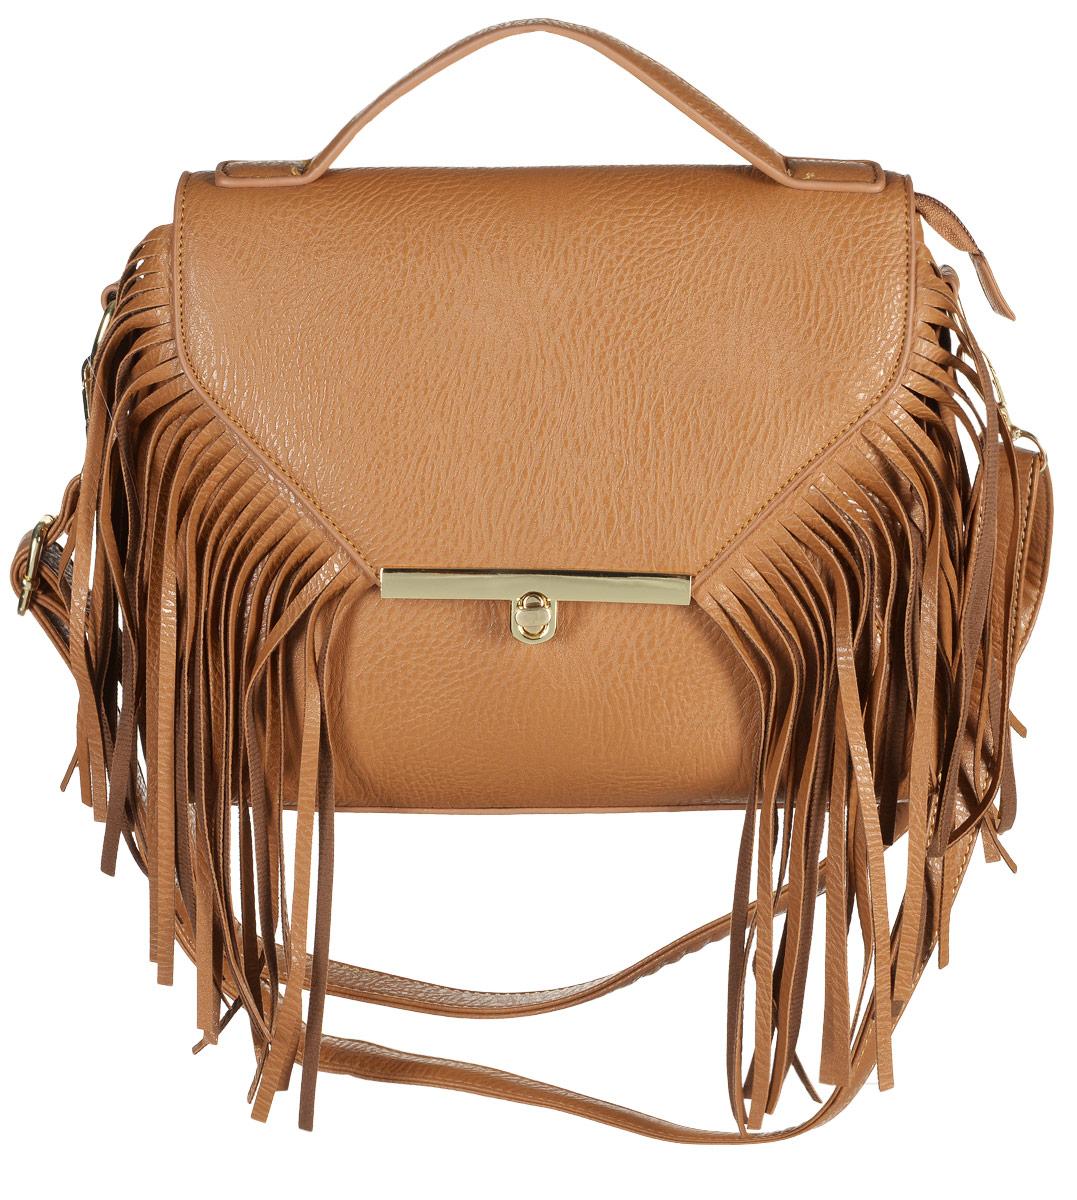 Сумка женская Kawaii Factory Бахрома, цвет: светло-коричневый, KW100-000112S76245Оригинальная сумка Бахрома от Kawaii Factoryстильно сочетается с одеждой из различных материалов - хлопка, шерсти, трикотажа, кружева и множества других. Эта сумочка с длинной бахромой сделана из искусственной качественной кожи и имеет две ручки - короткую и отстегивающуюся длинную с возможностью регулировки длины.Внутренний объем позволяет вместить в аксессуар все необходимое. Модель имеет одно основное отделение, закрывающееся на замок-вертушку. Внутри имеется прорезной кармашек на застежке-молнии и два накладных кармана для телефона и мелочей.С этой сумочкой вы сможете сделать свой образ неординарным и эффектным.